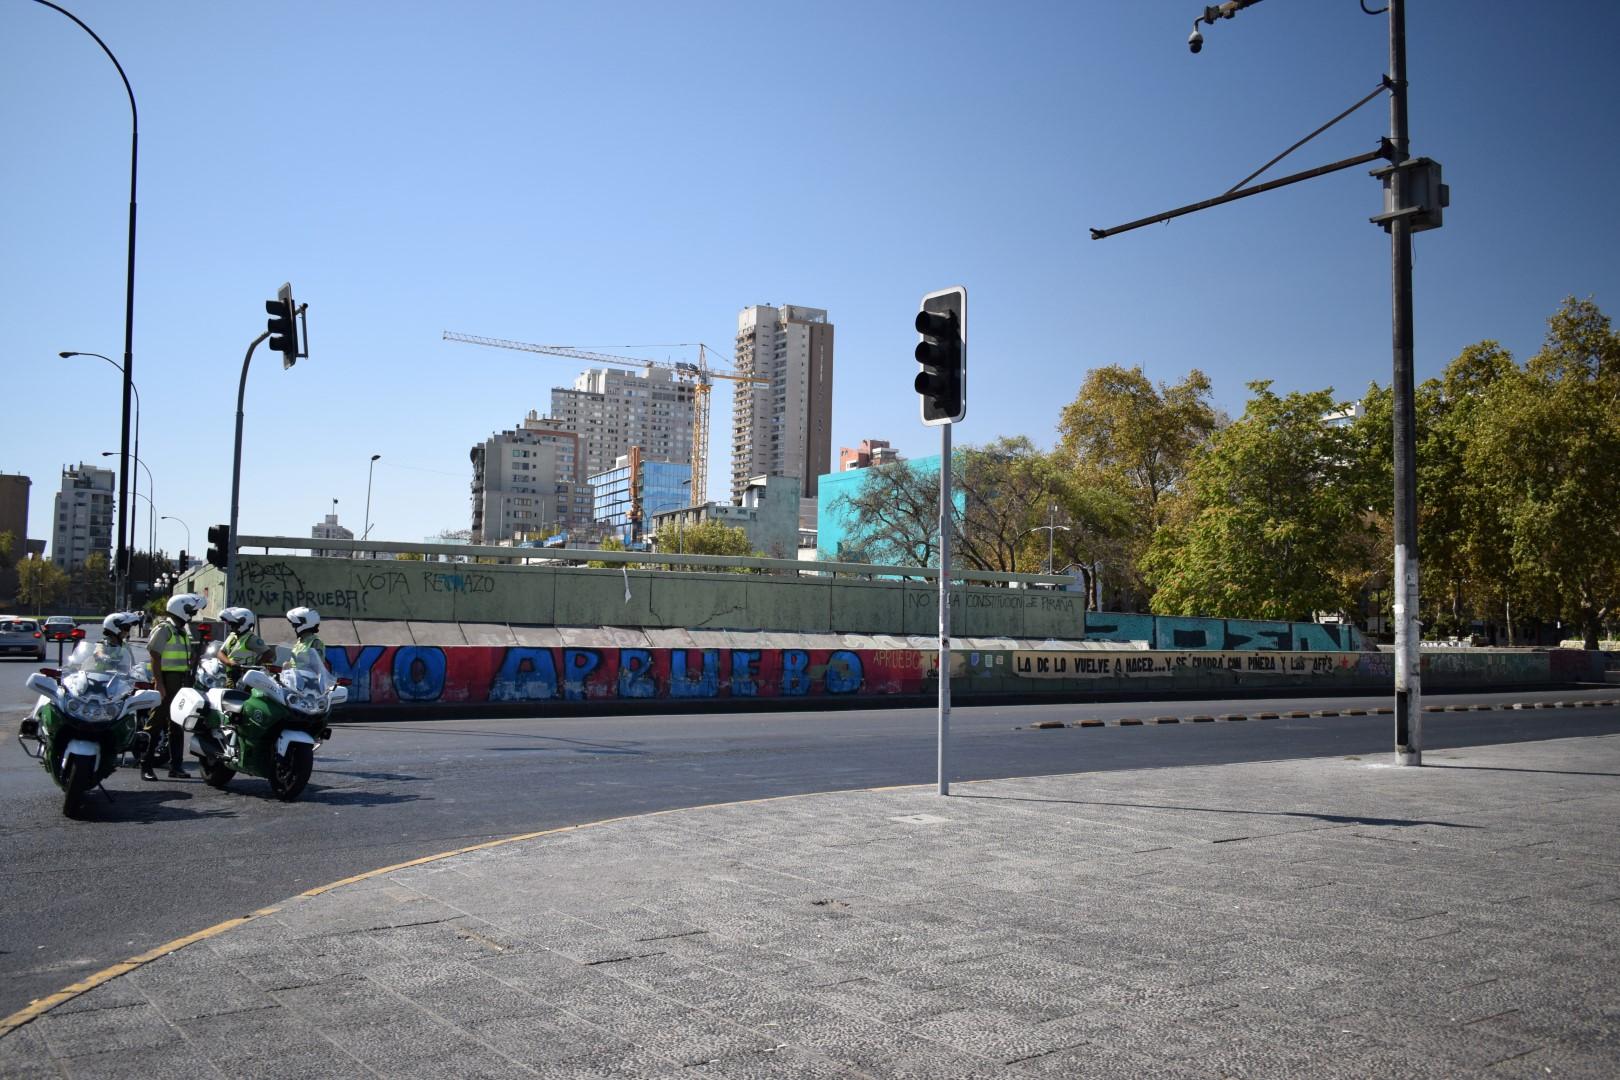 La Alameda under close watch, Santiago